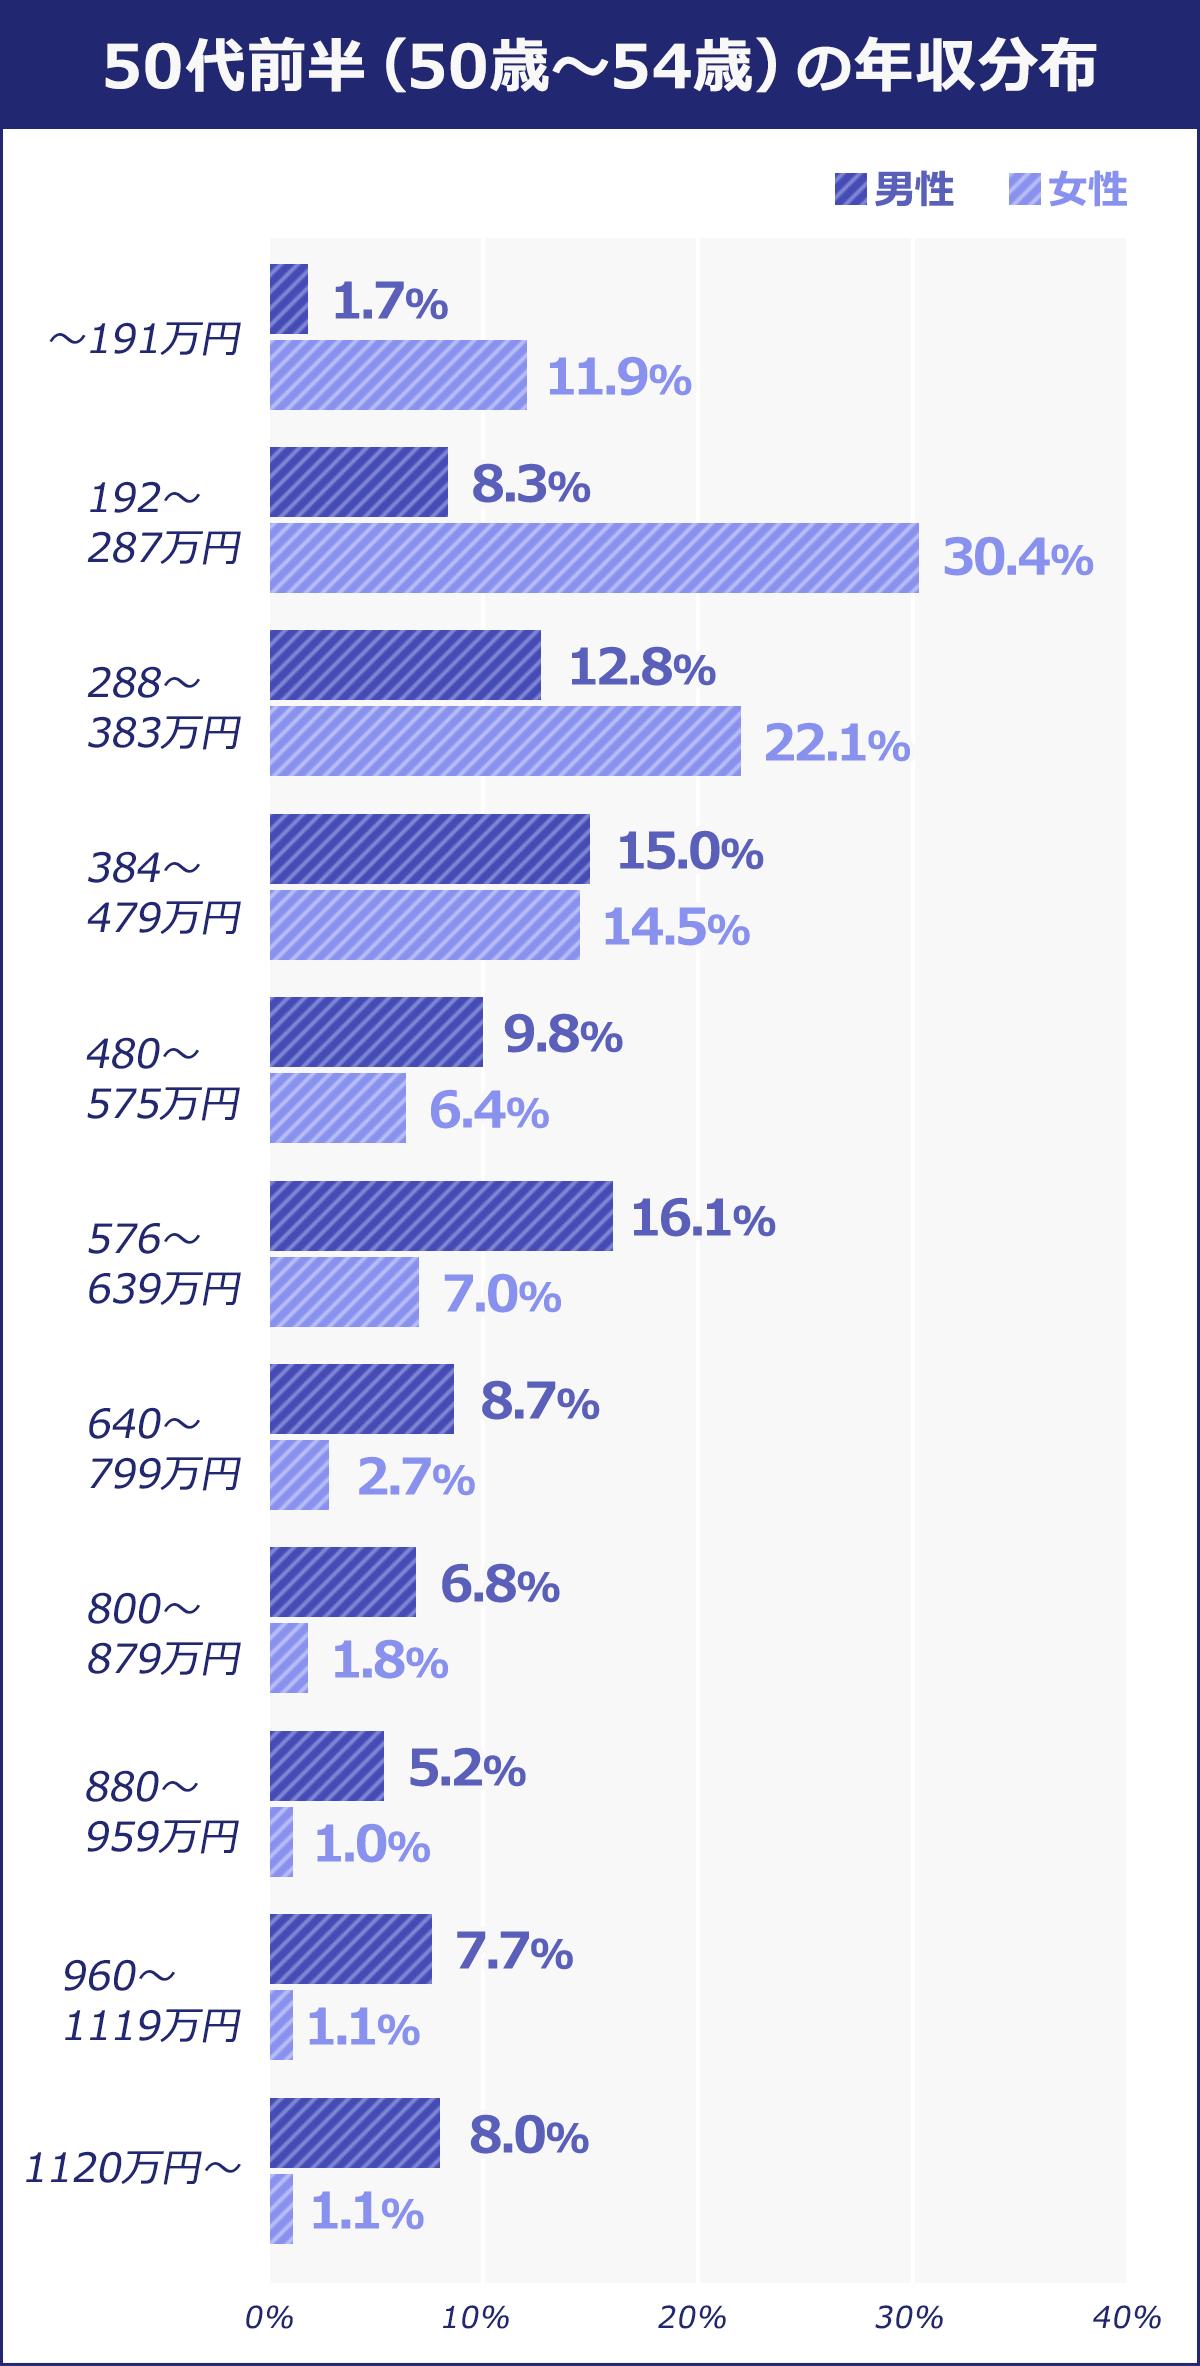 50代前半(50歳~54歳)~191万円:男性/1.7% 女性/11.9% 192~287万円:男性/8.3% 女性/30.4% 288~383万円:男性/12.8% 女性/22.1% 384~479万円:男性/15% 女性/14.5% 480~575万円:男性/9.8% 女性/6.4% 576~639万円:男性/16.1% 女性/7%  640~799万円:男性/8.7% 女性/2.7% 800~879万円:男性/6.8% 女性/1.8% 880~959万円:男性/5.2% 女性/1% 960~1119万円:男性/7.7% 女性/1.1% 1120万円:男性/8% 女性/1.1%